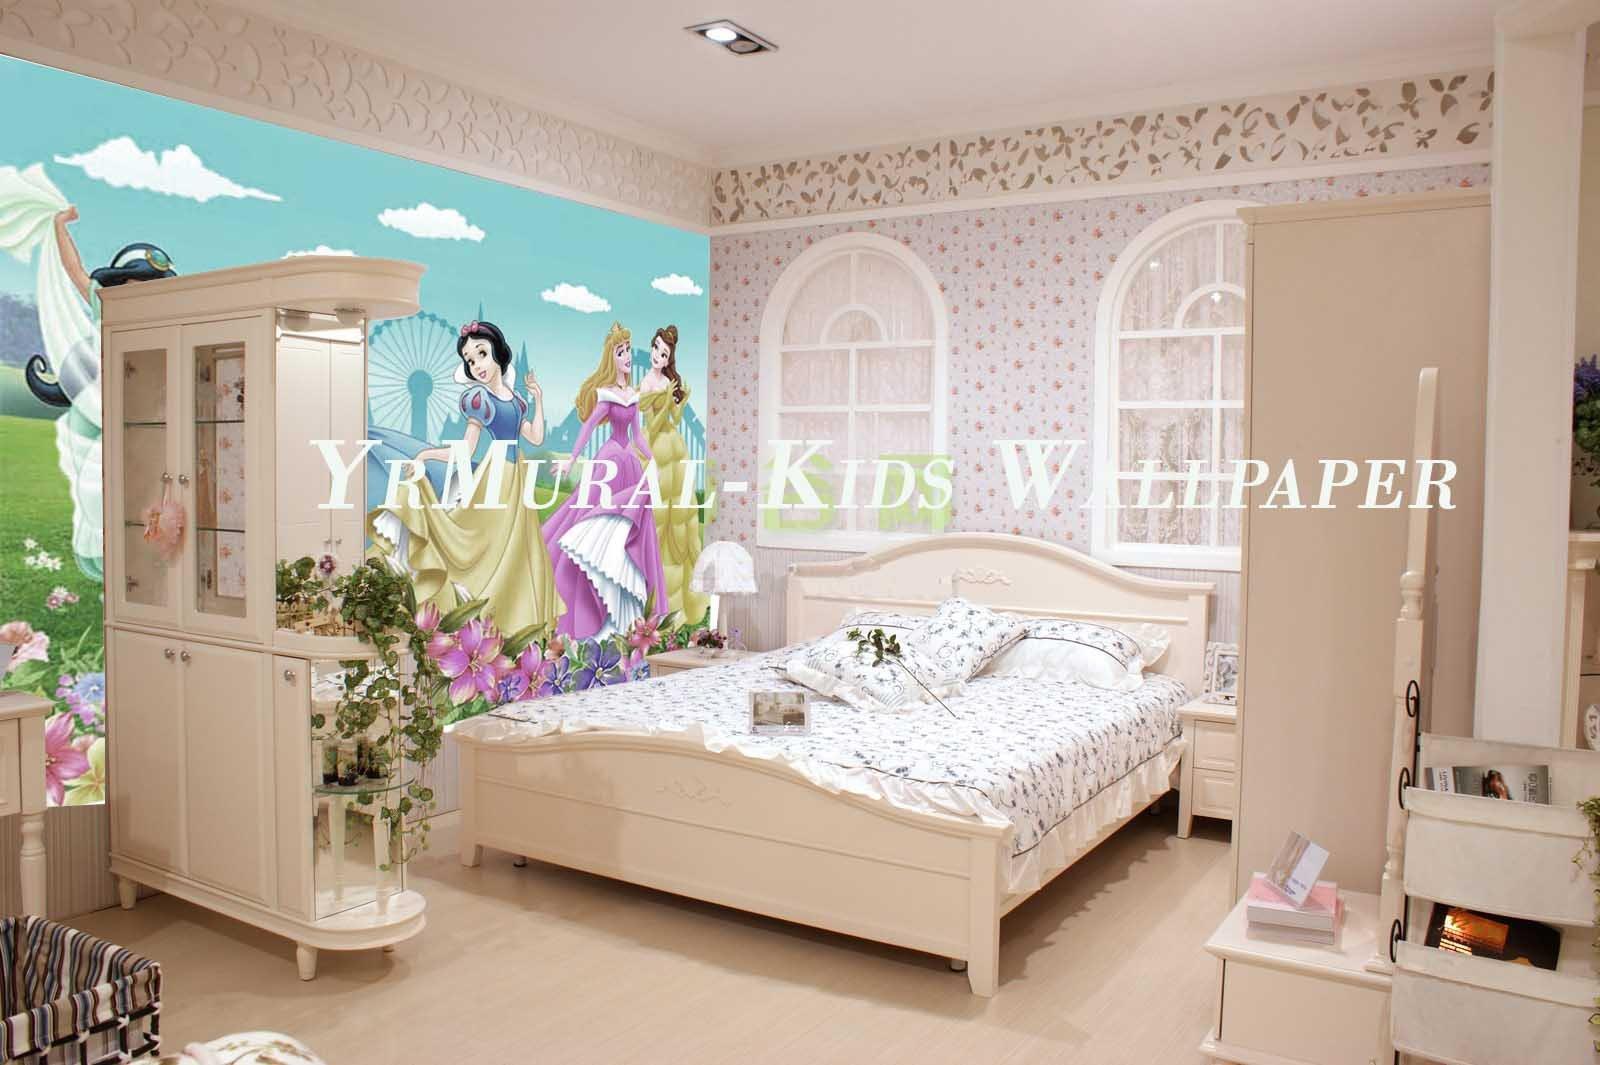 Wallpaper Kids Room - WallpaperSafari